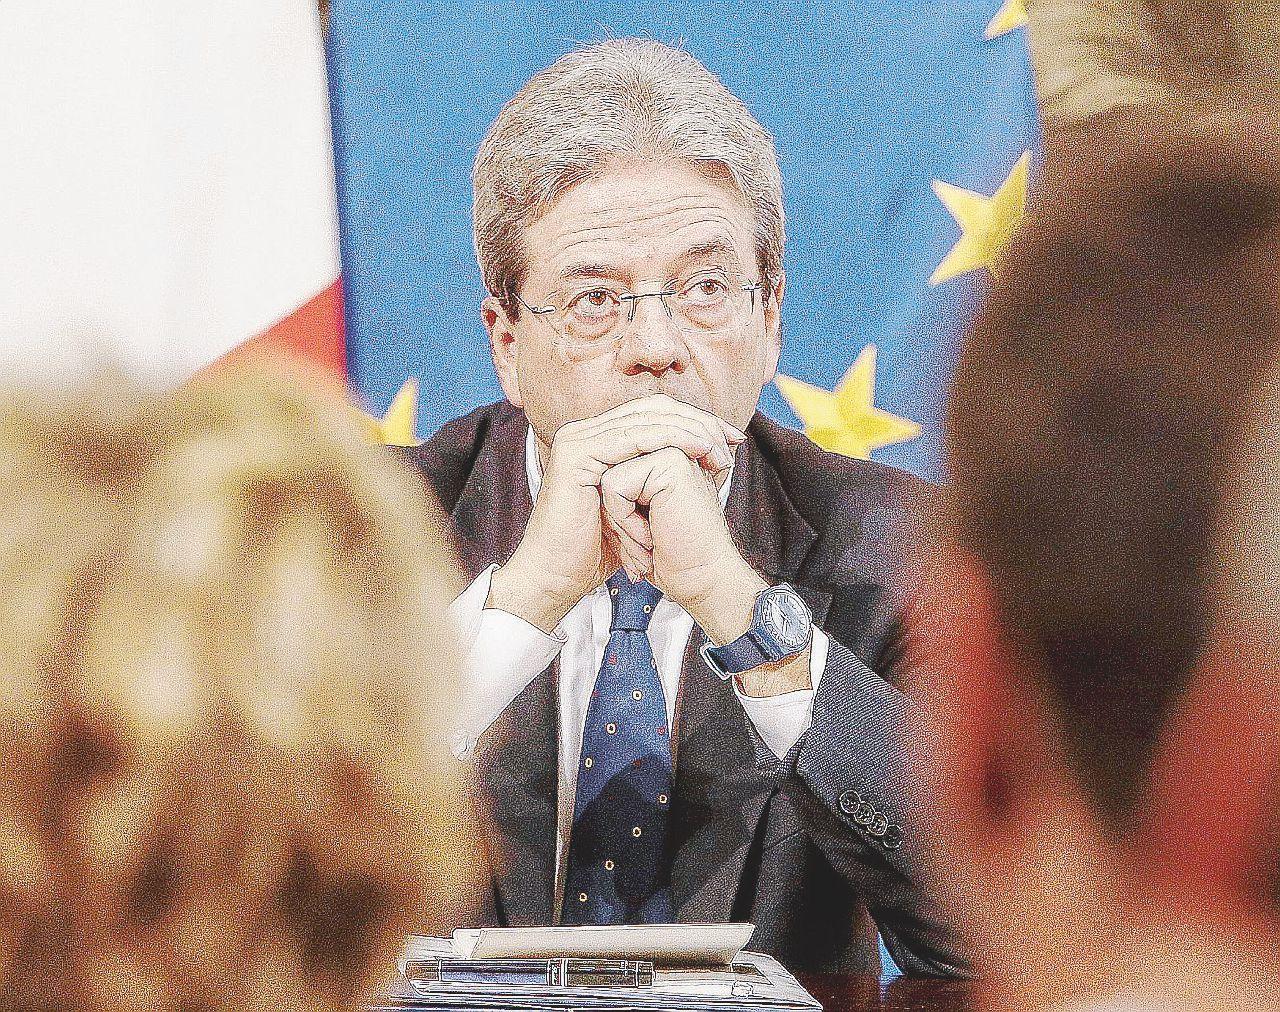 Sospetti, faide interne e paure: la guerra fra governo e Renzi